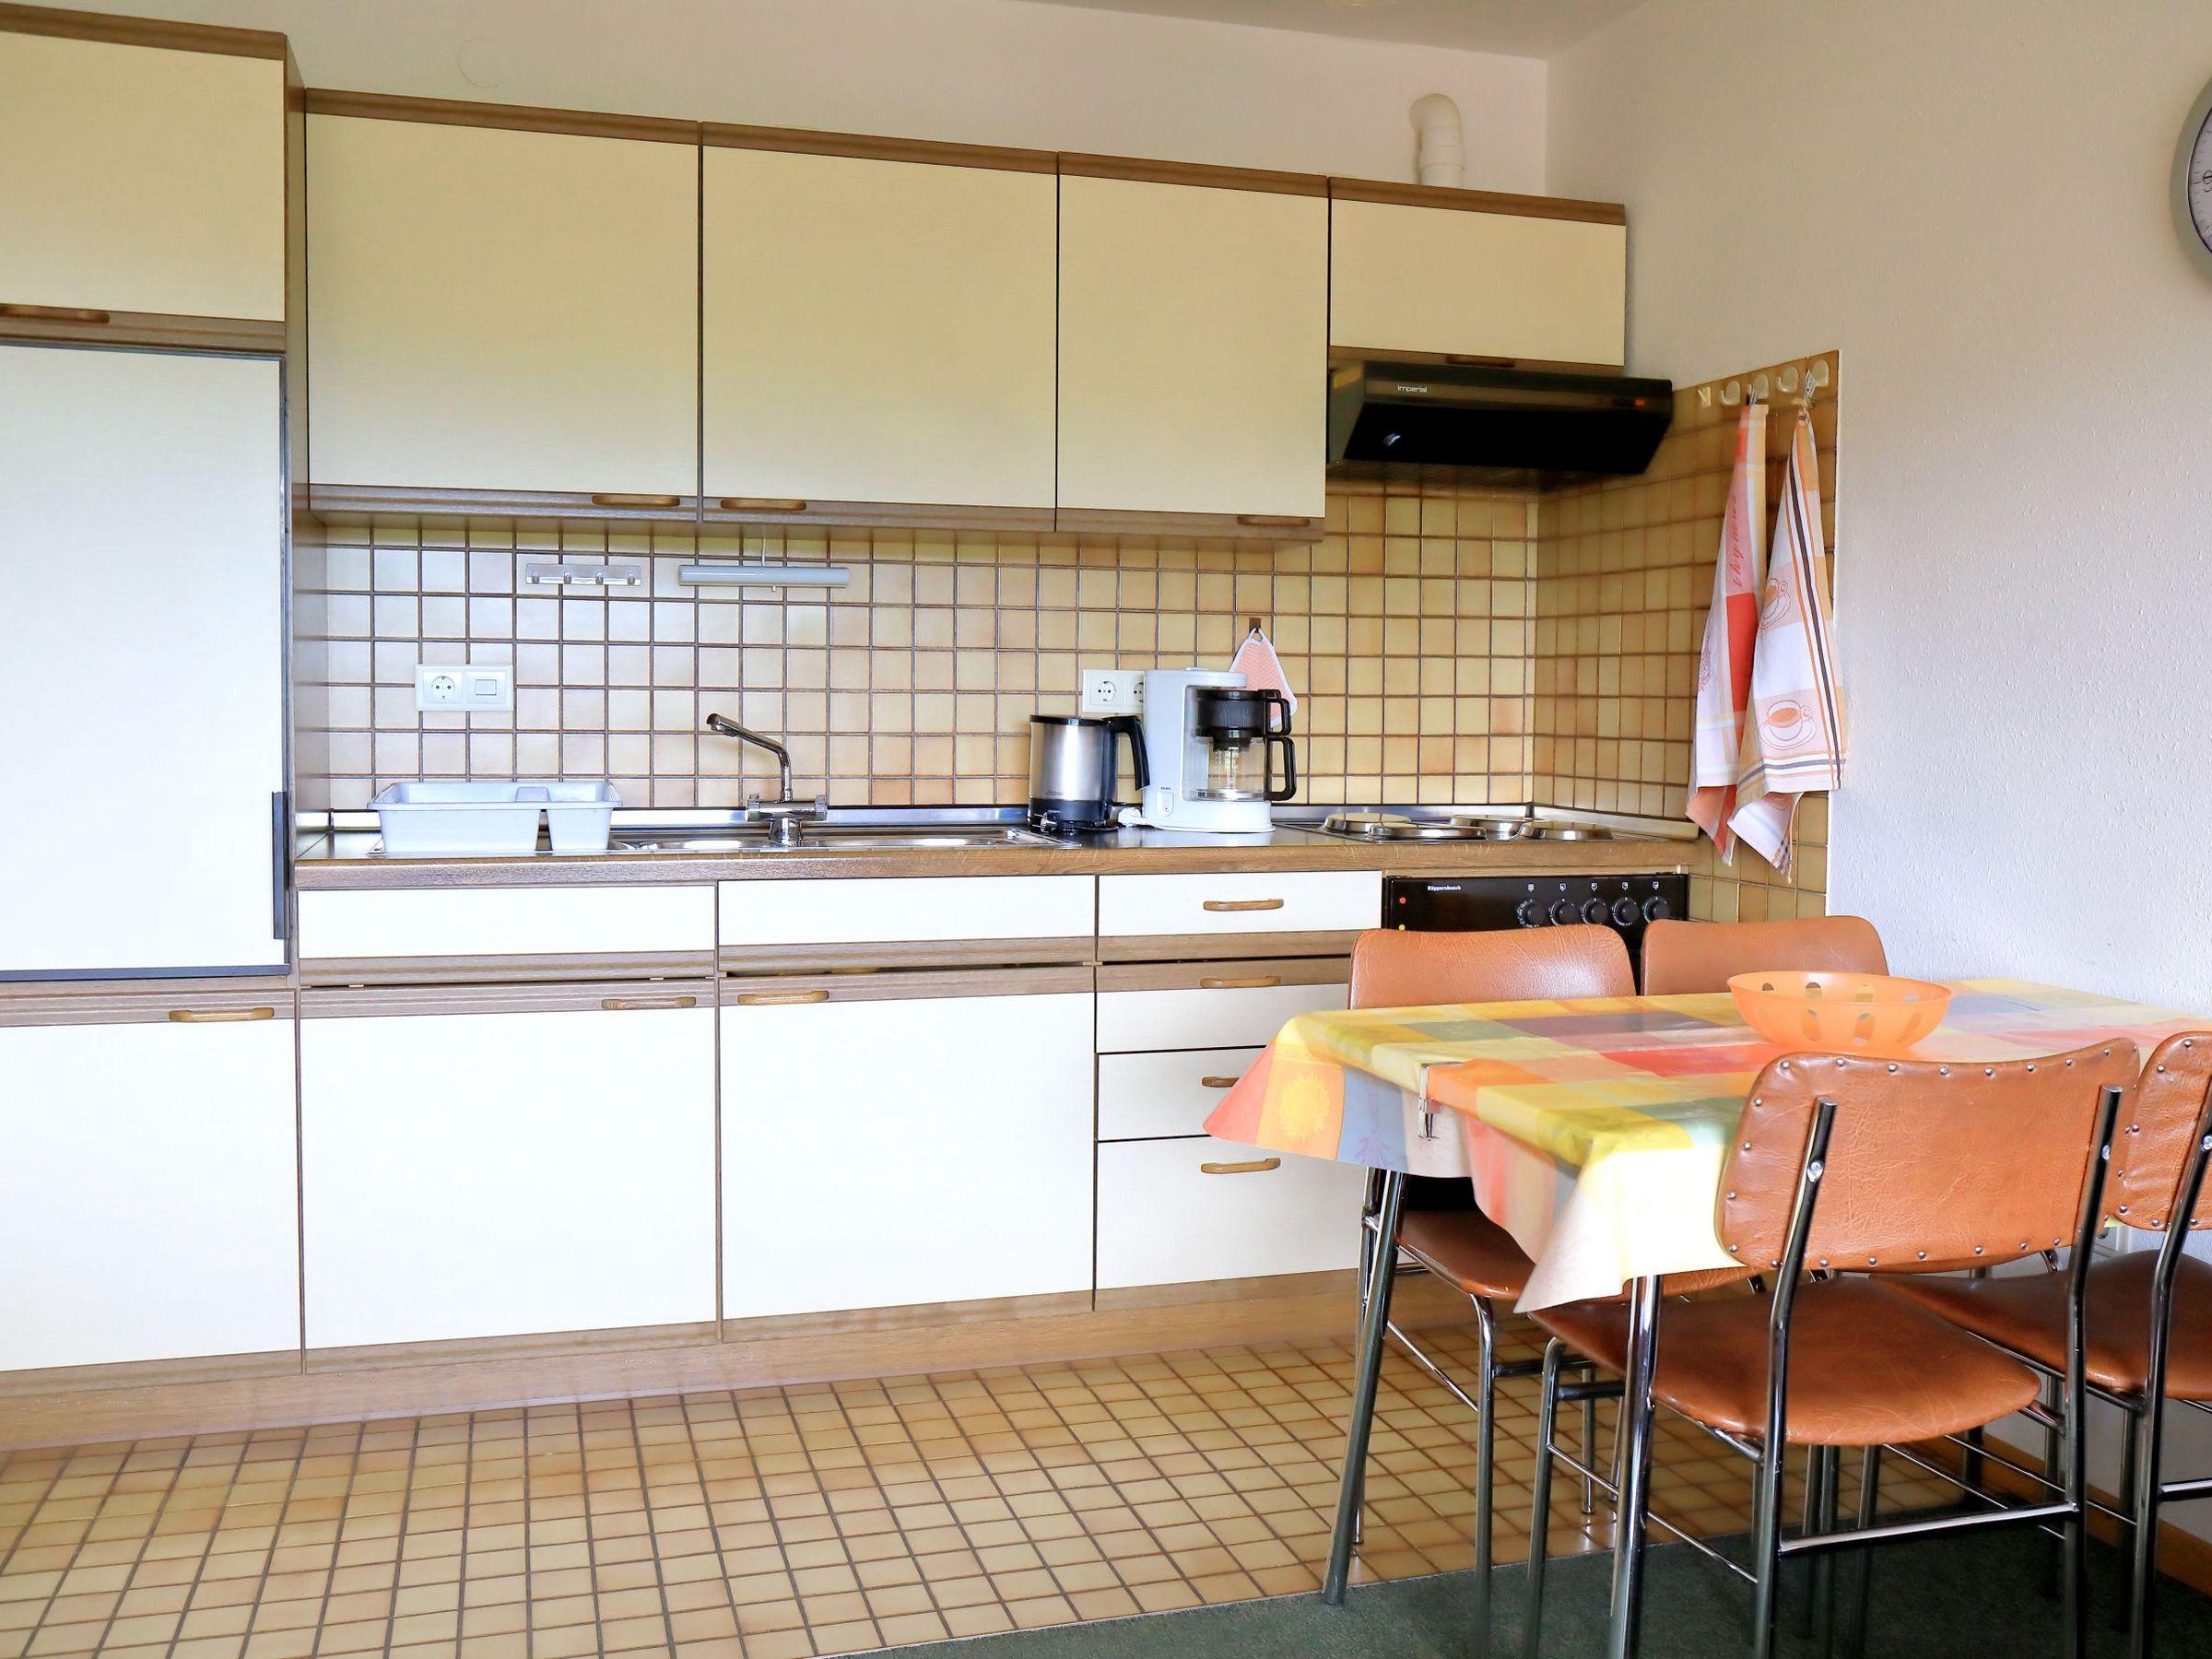 Ferienhaus Haus Monika Ferienwohnungen, (Herrischried). Ferienwohnung Nr. 4, 62 qm, Balkon, 2 Schlafz (2299232), Herrischried, Schwarzwald, Baden-Württemberg, Deutschland, Bild 11